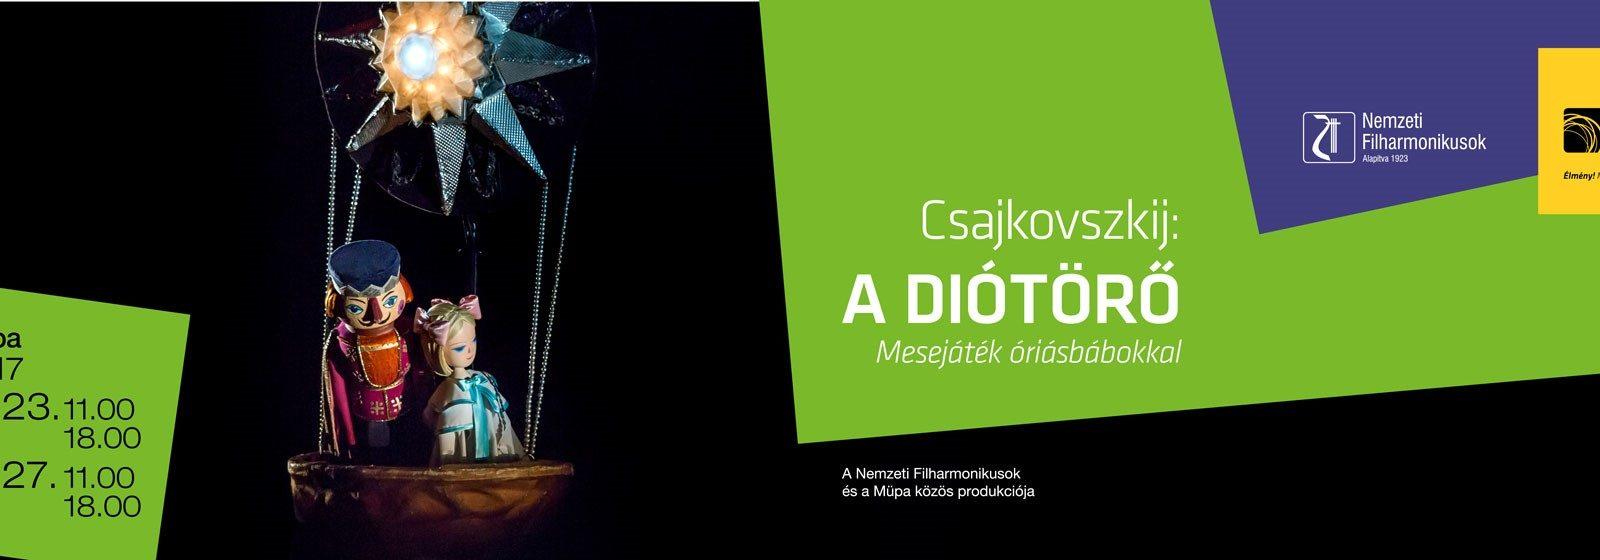 Csajkovszkij A diótörő